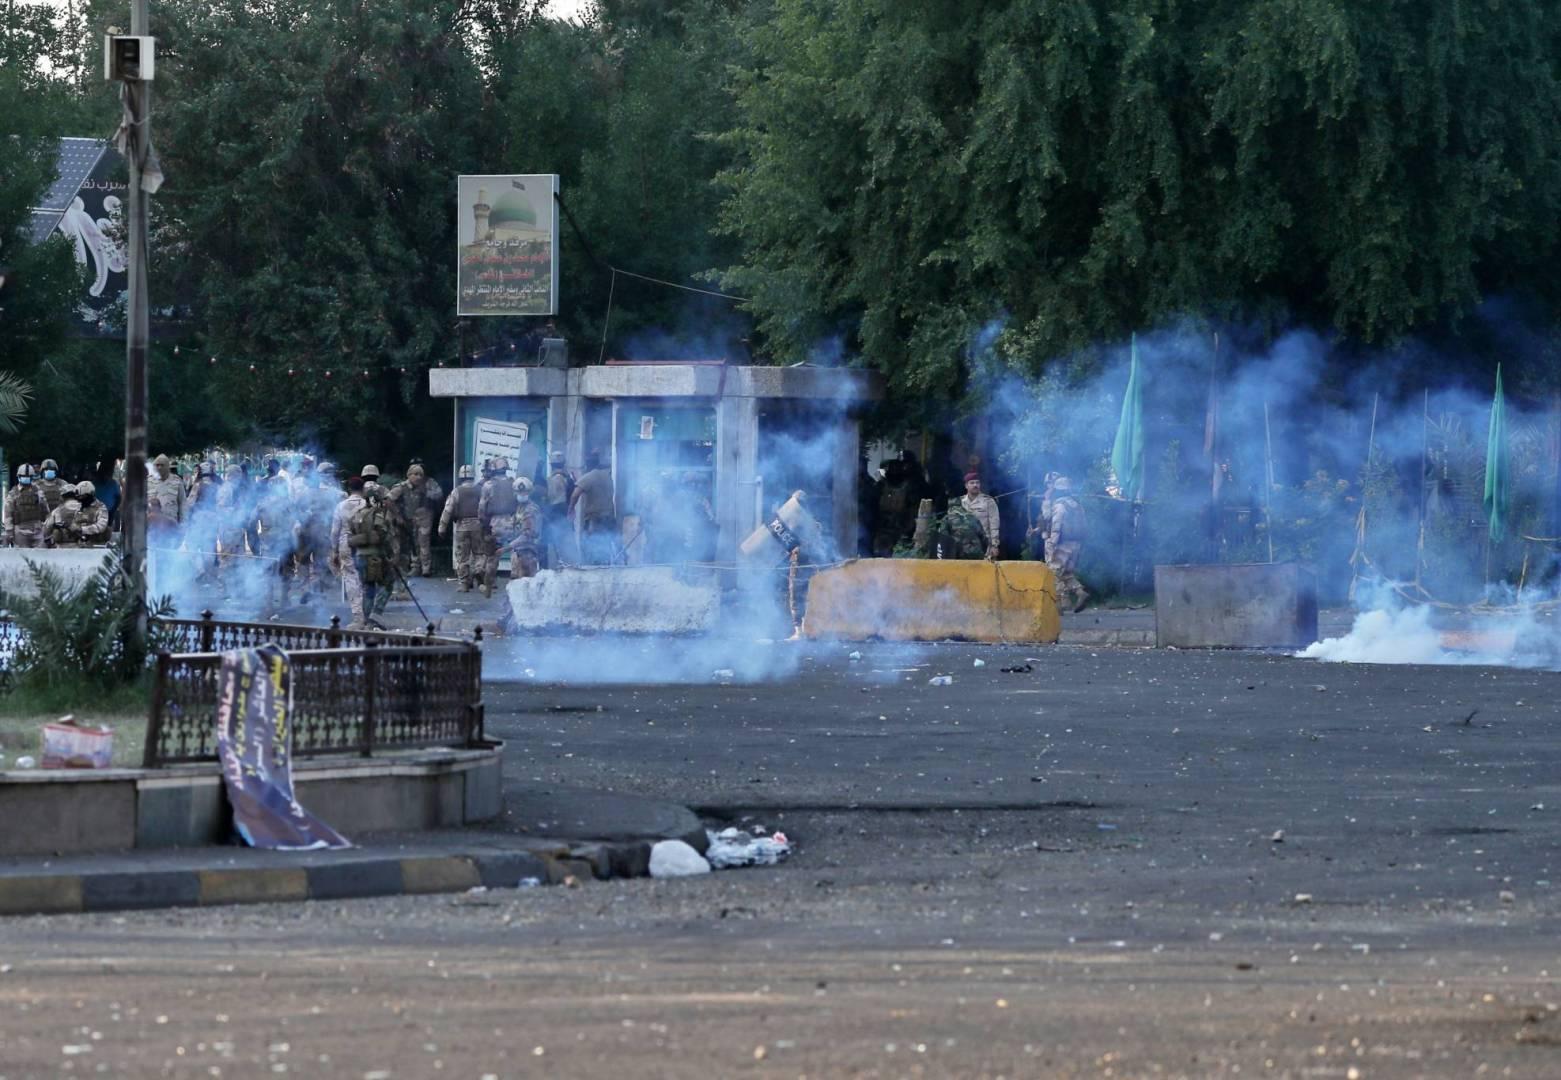 مقتل 4 اشخاص وإصابة 20 بانفجار قرب ساحة التحرير وسط بغداد